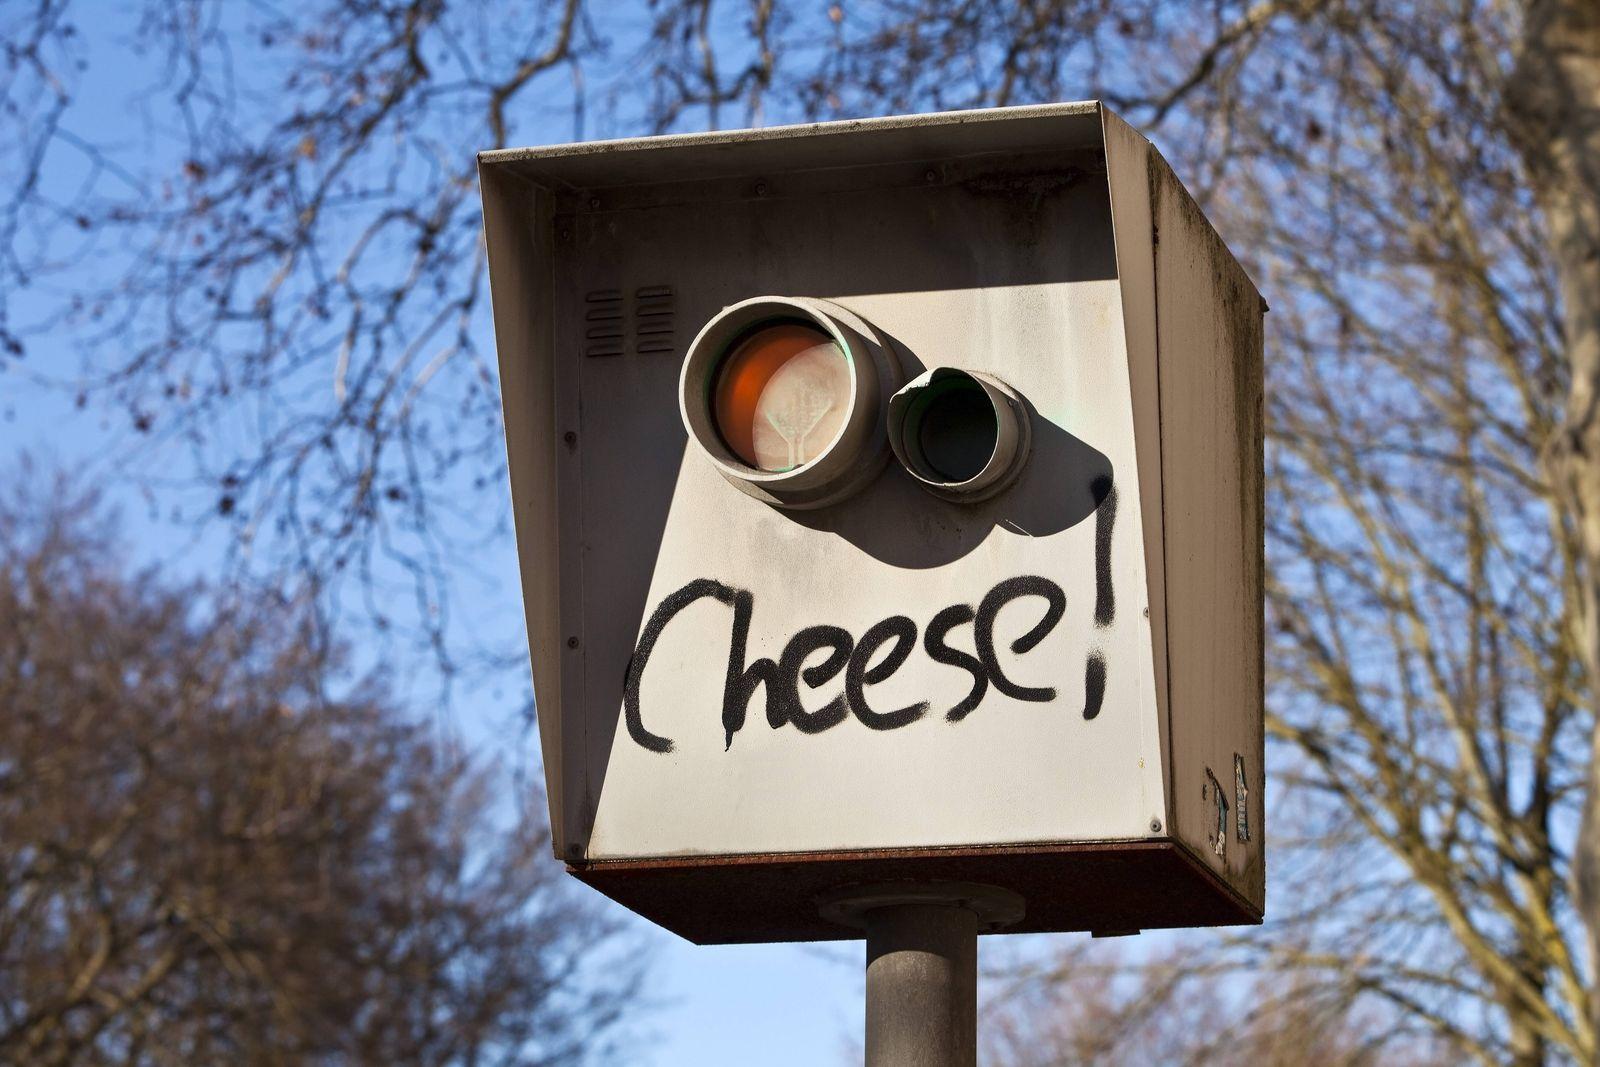 Blitzer mit der Aufschrift cheese, stationaere Radarfalle, Geschwindigkeitskontrolle, Deutschland, Nordrhein-Westfalen,